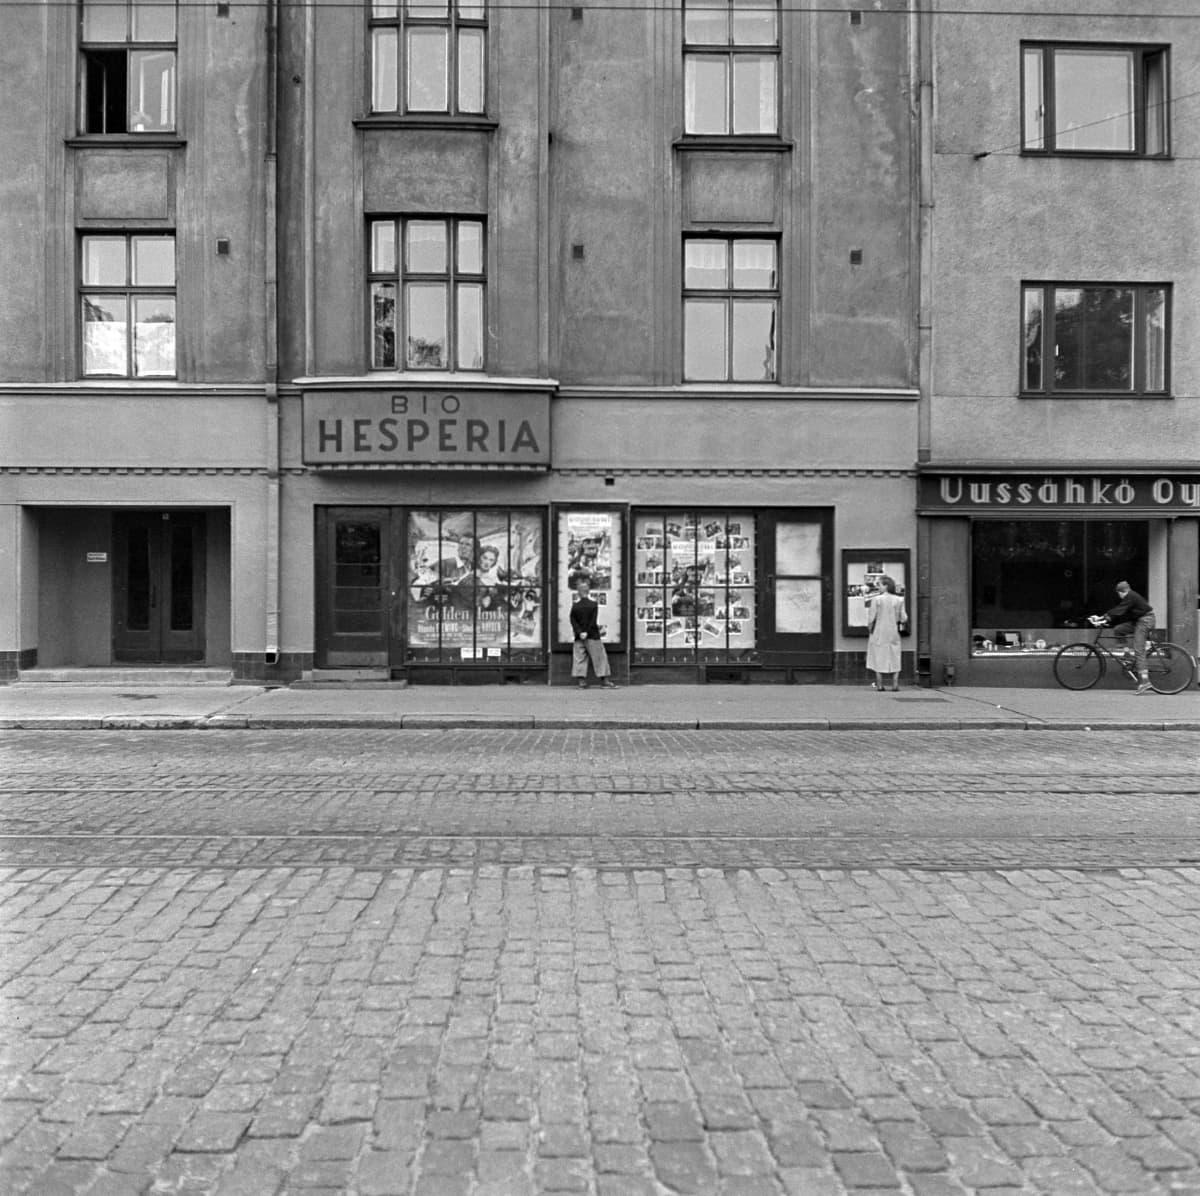 Korttelikino Bio Hesperia Helsingissä kuvattuna 1953.